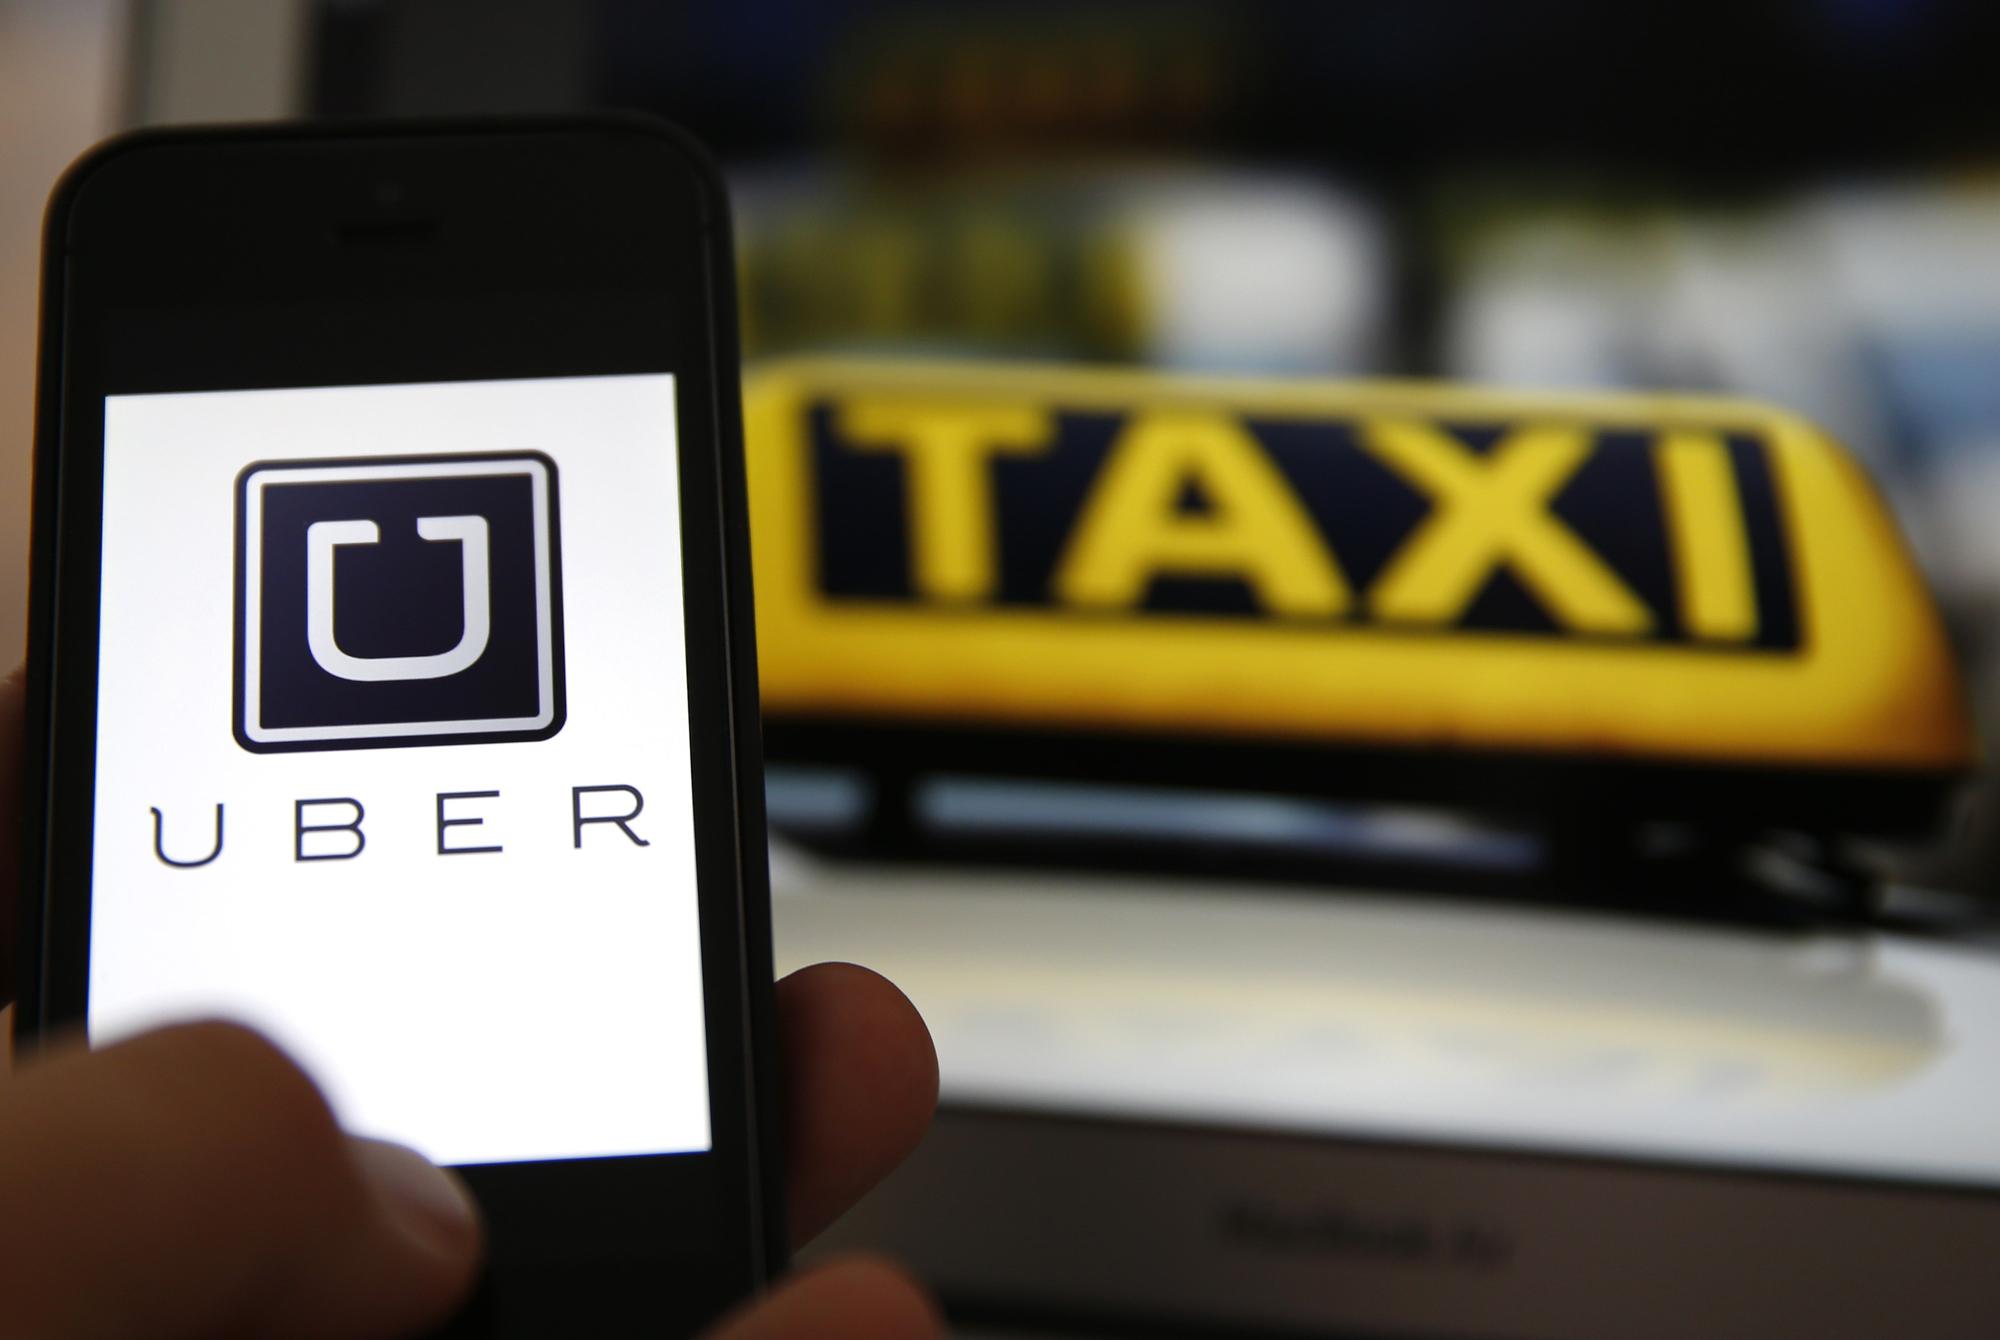 Бесплатные поездки на такси UBER